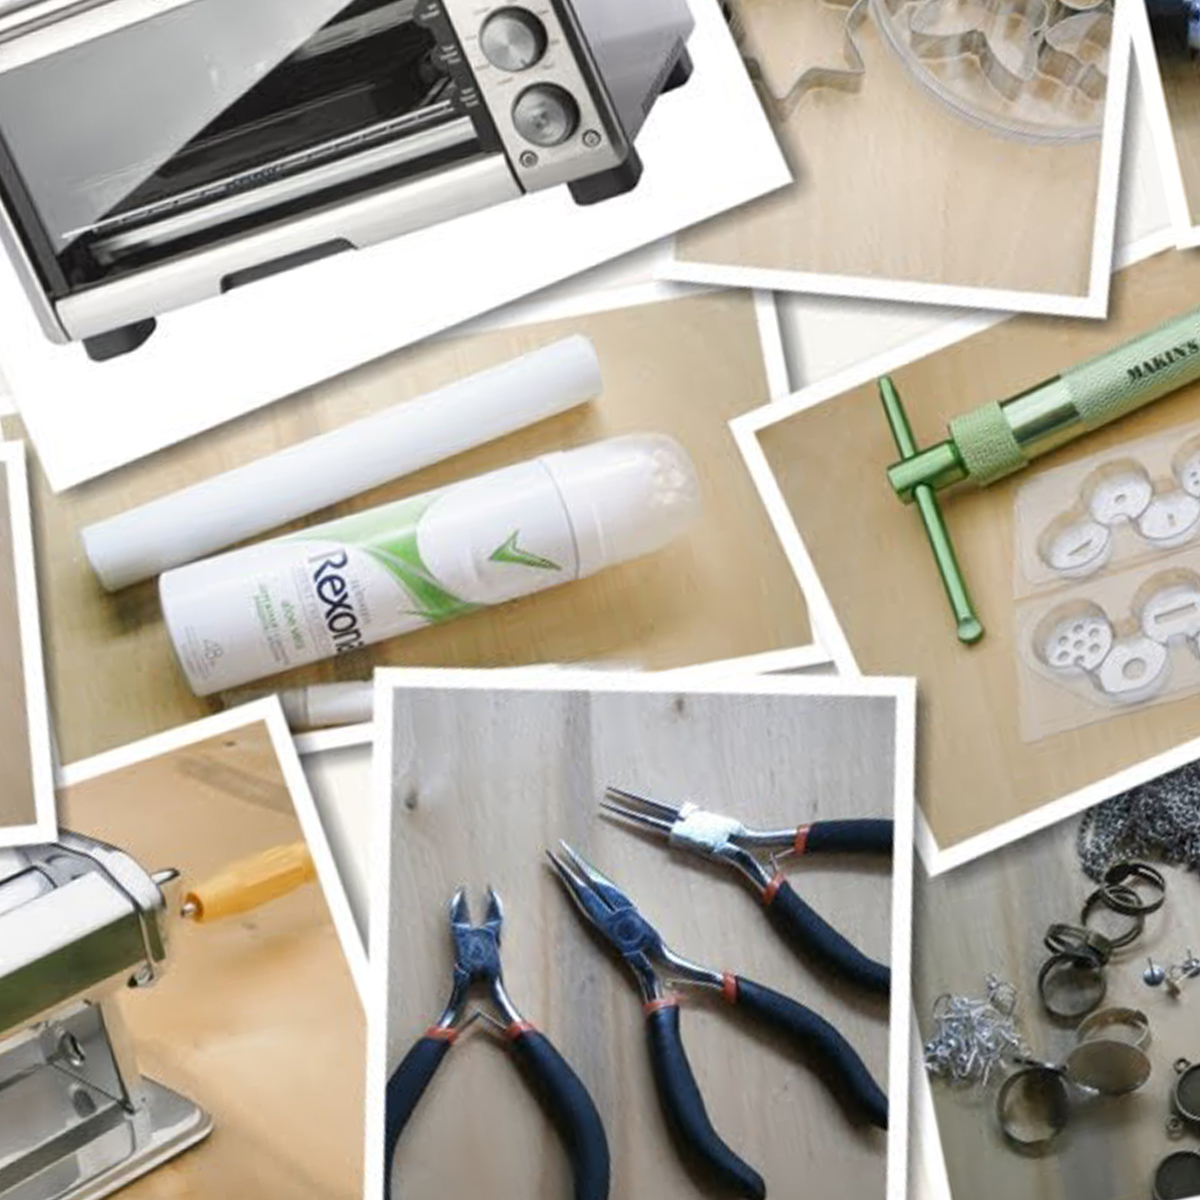 Инструменты и материалы, применяемые для работы с ювелирным эпоксидным компаундом фото 4